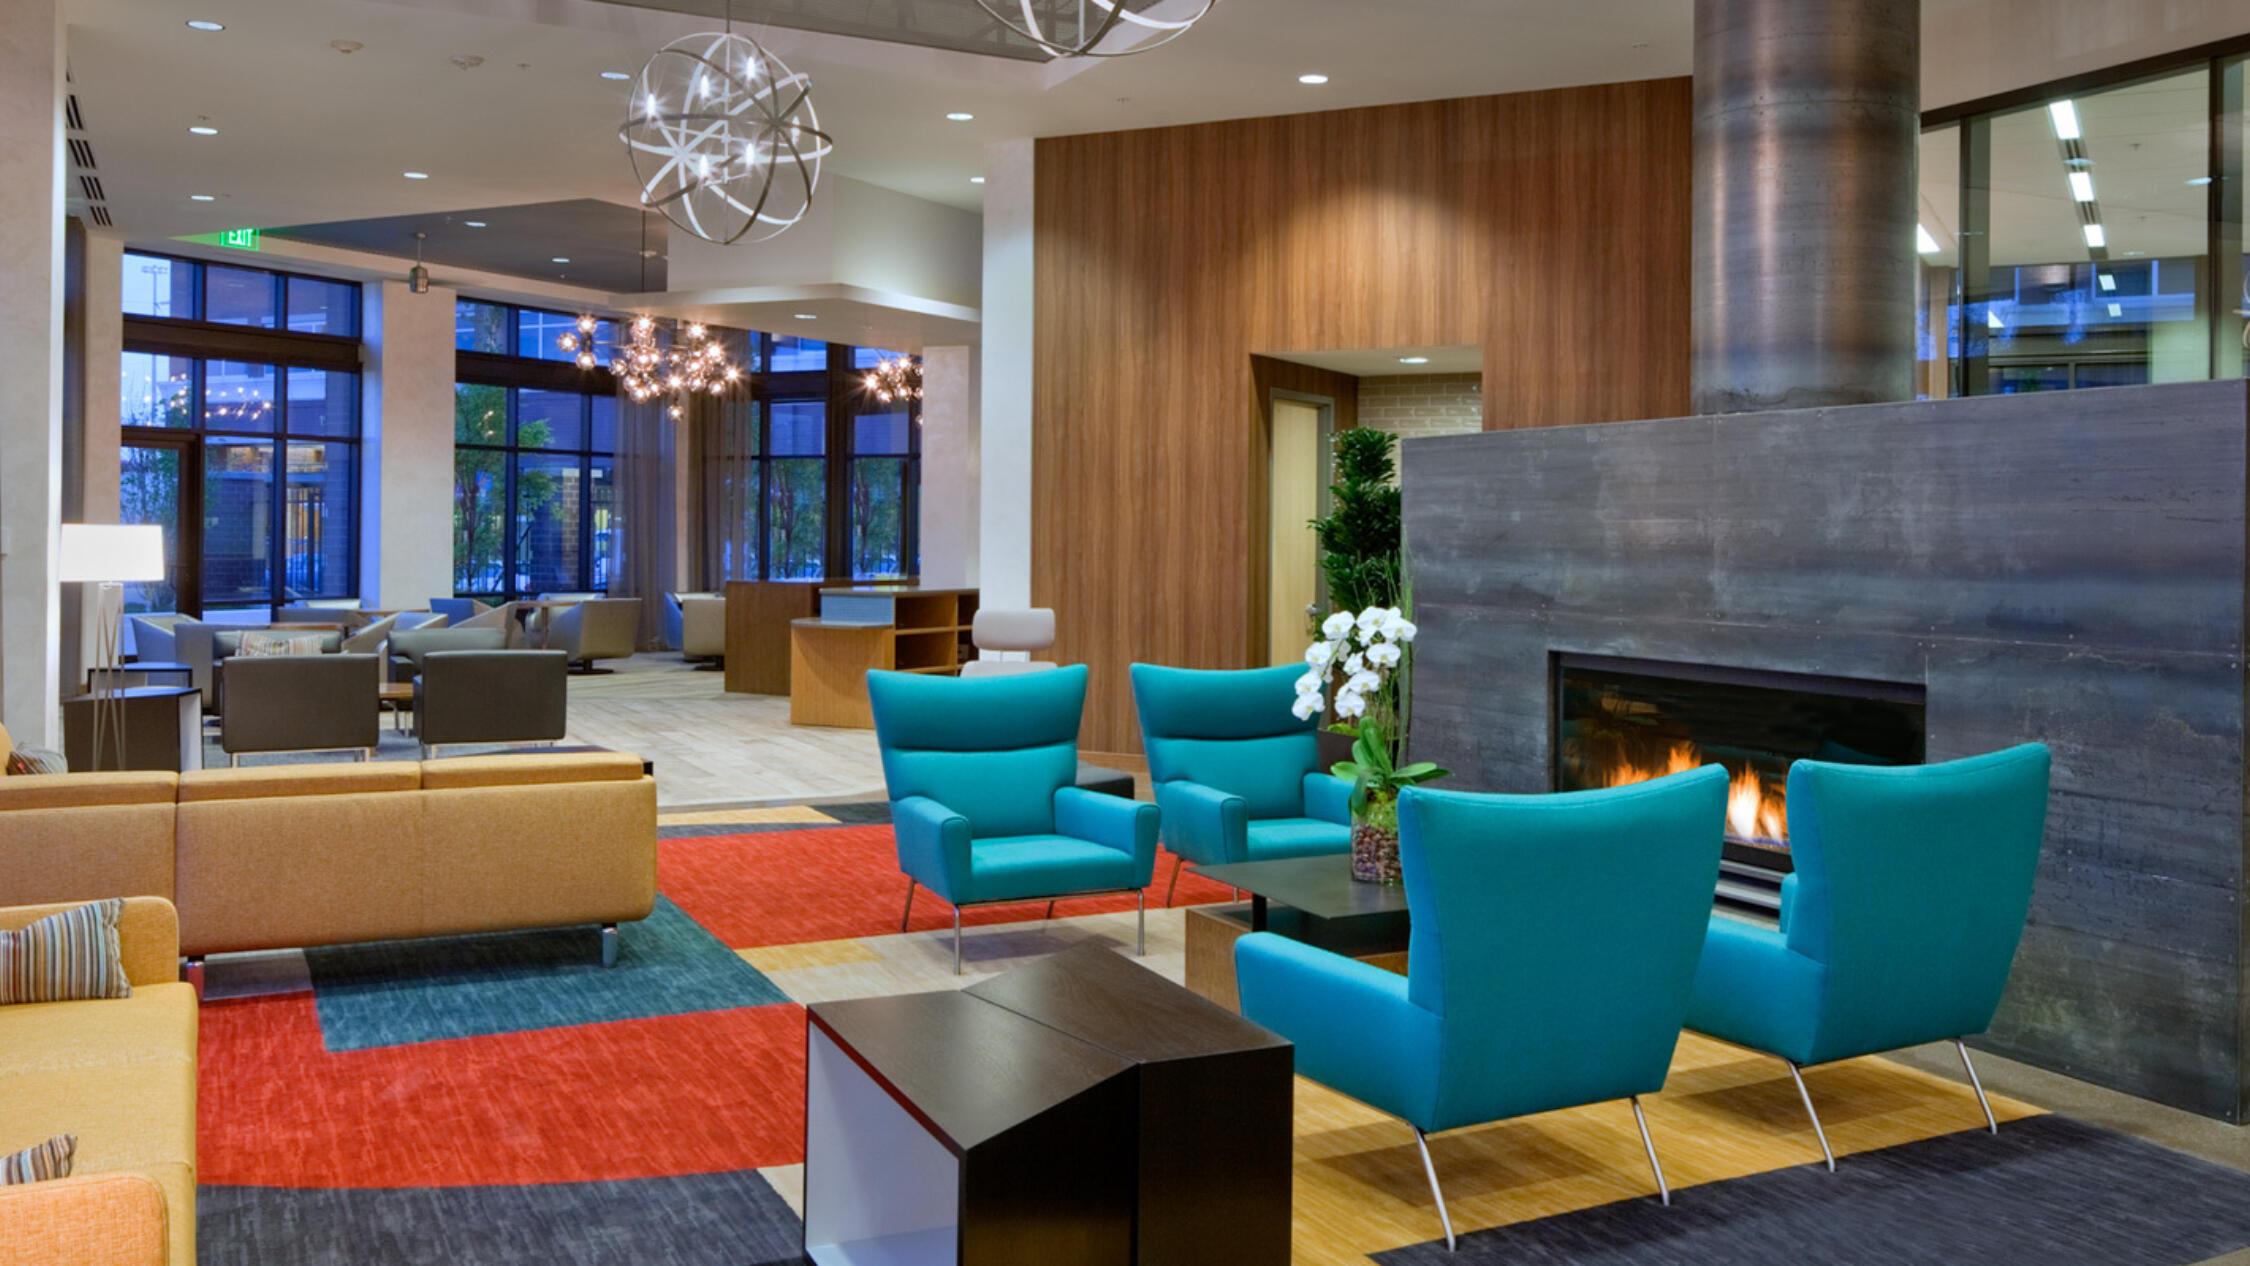 Home Plate Center interior common area